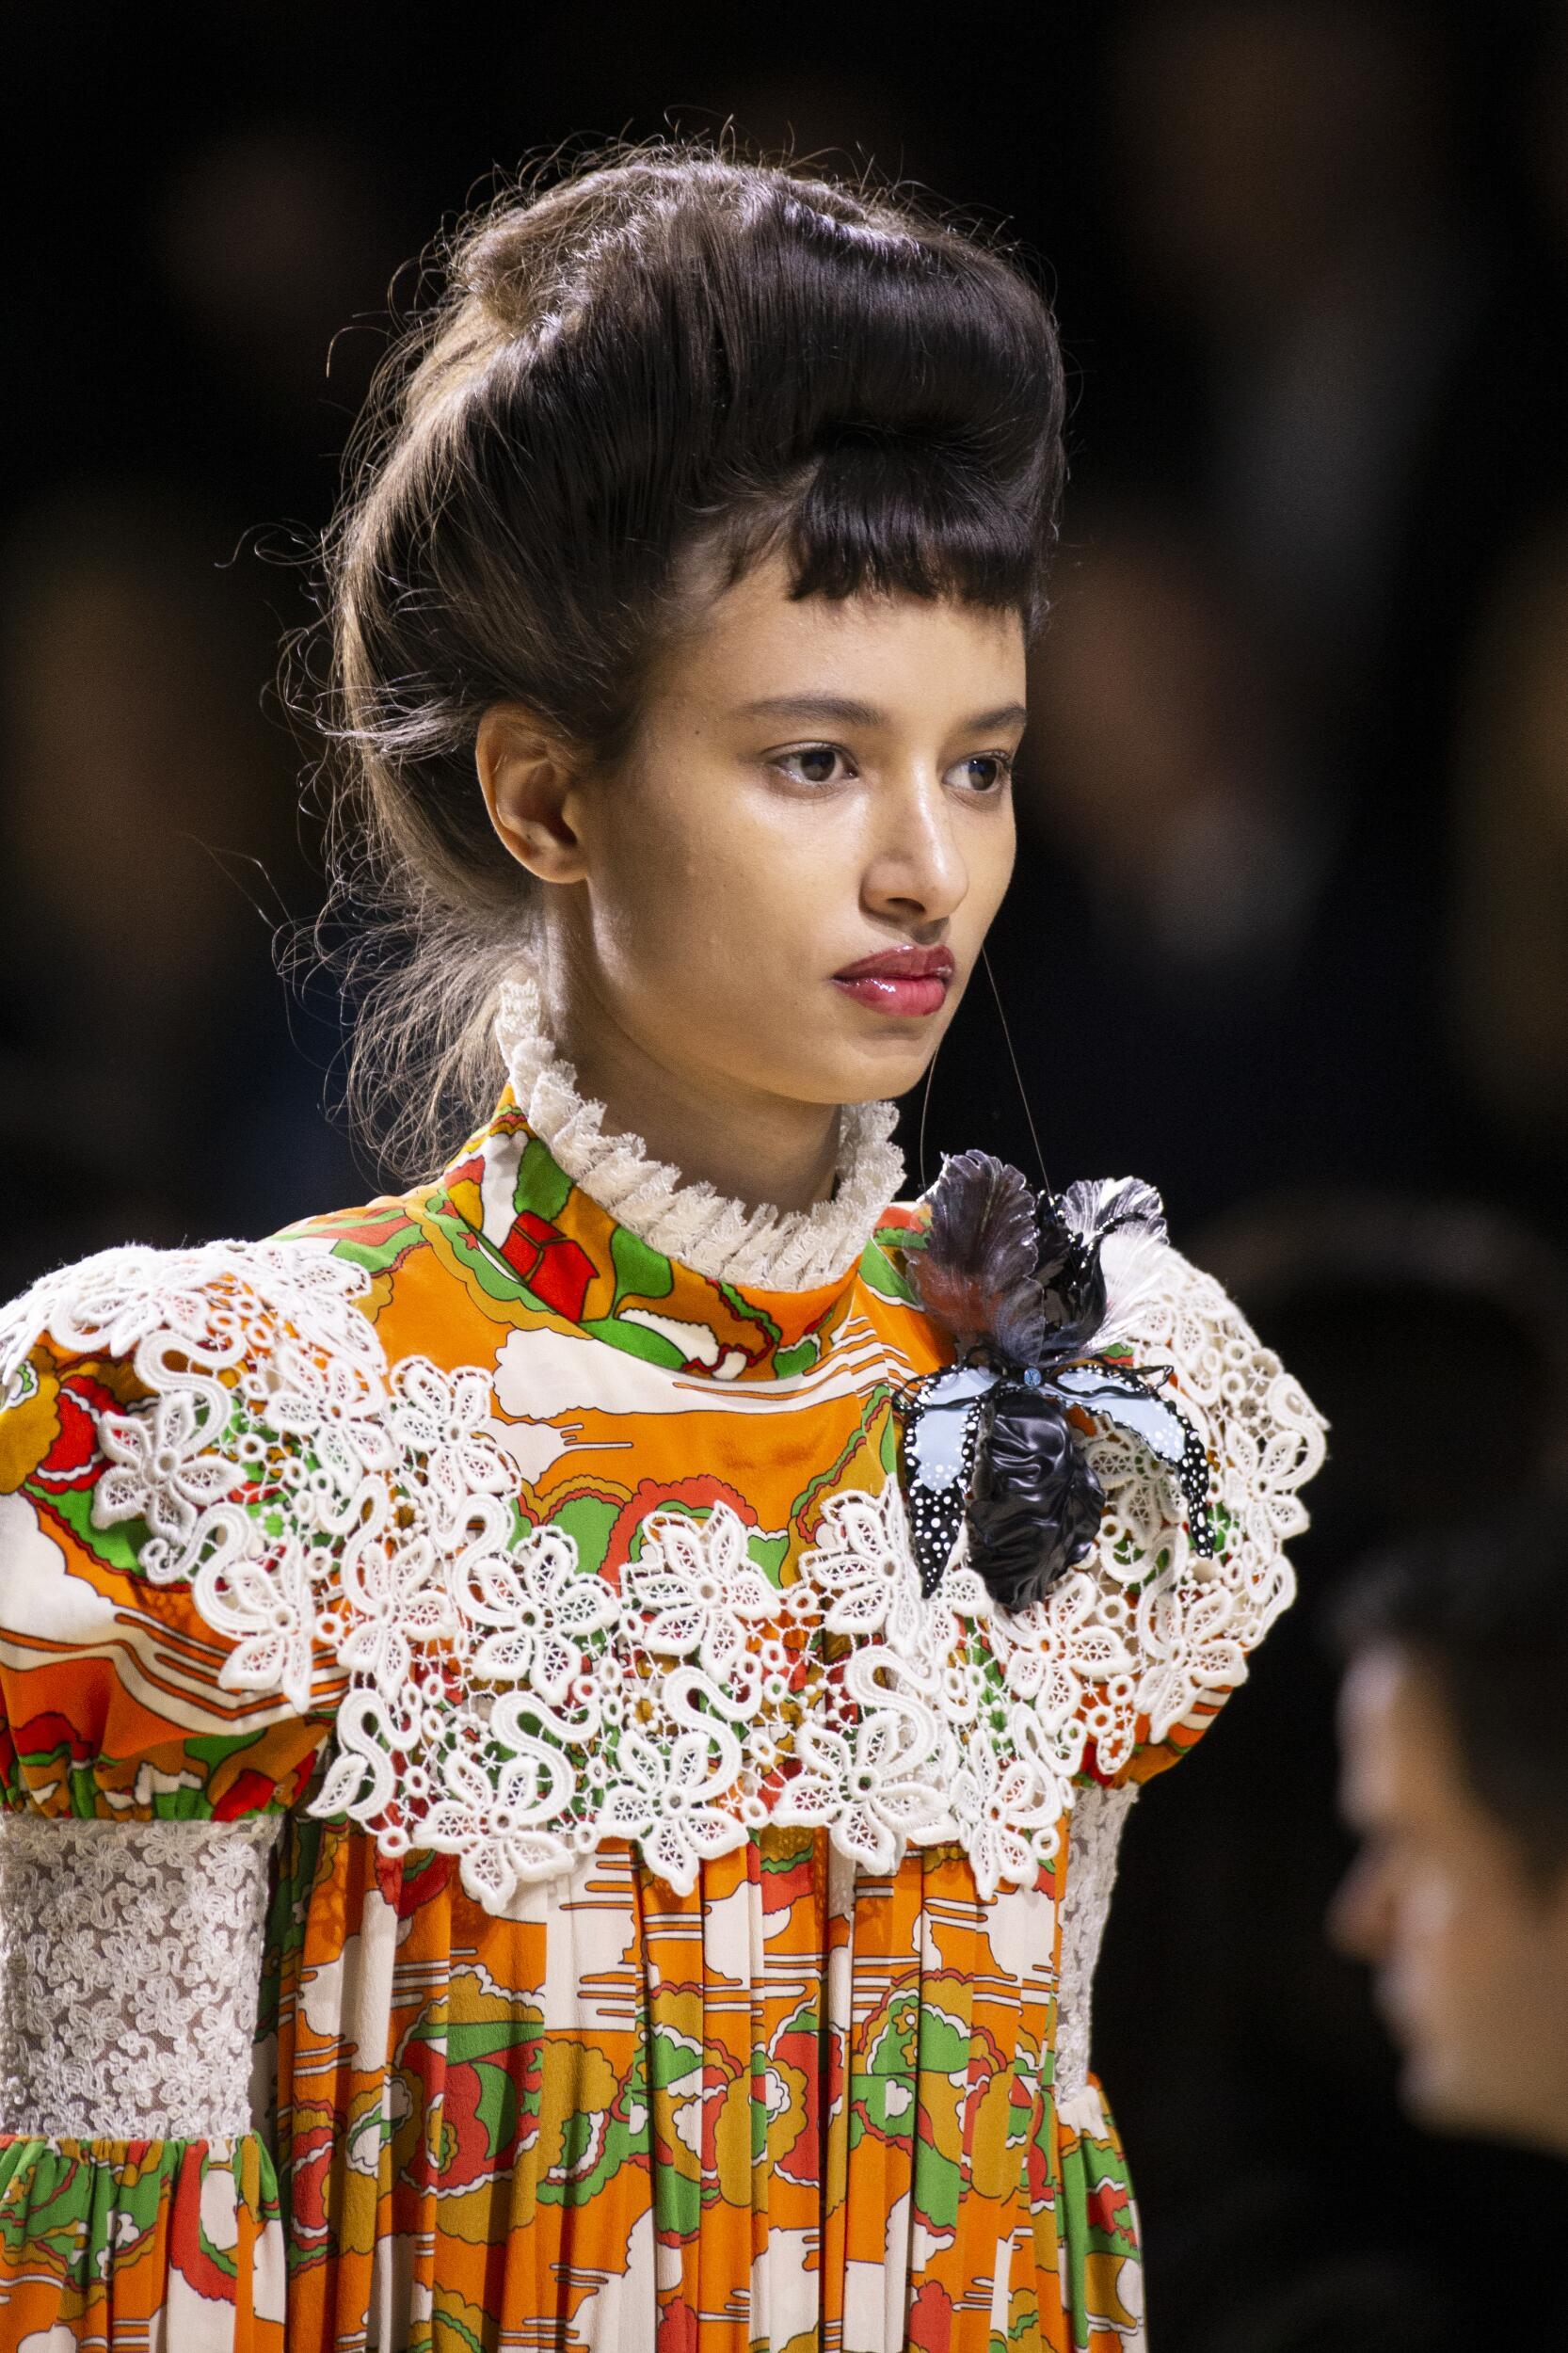 2020 Portrait Woman Louis Vuitton Summer